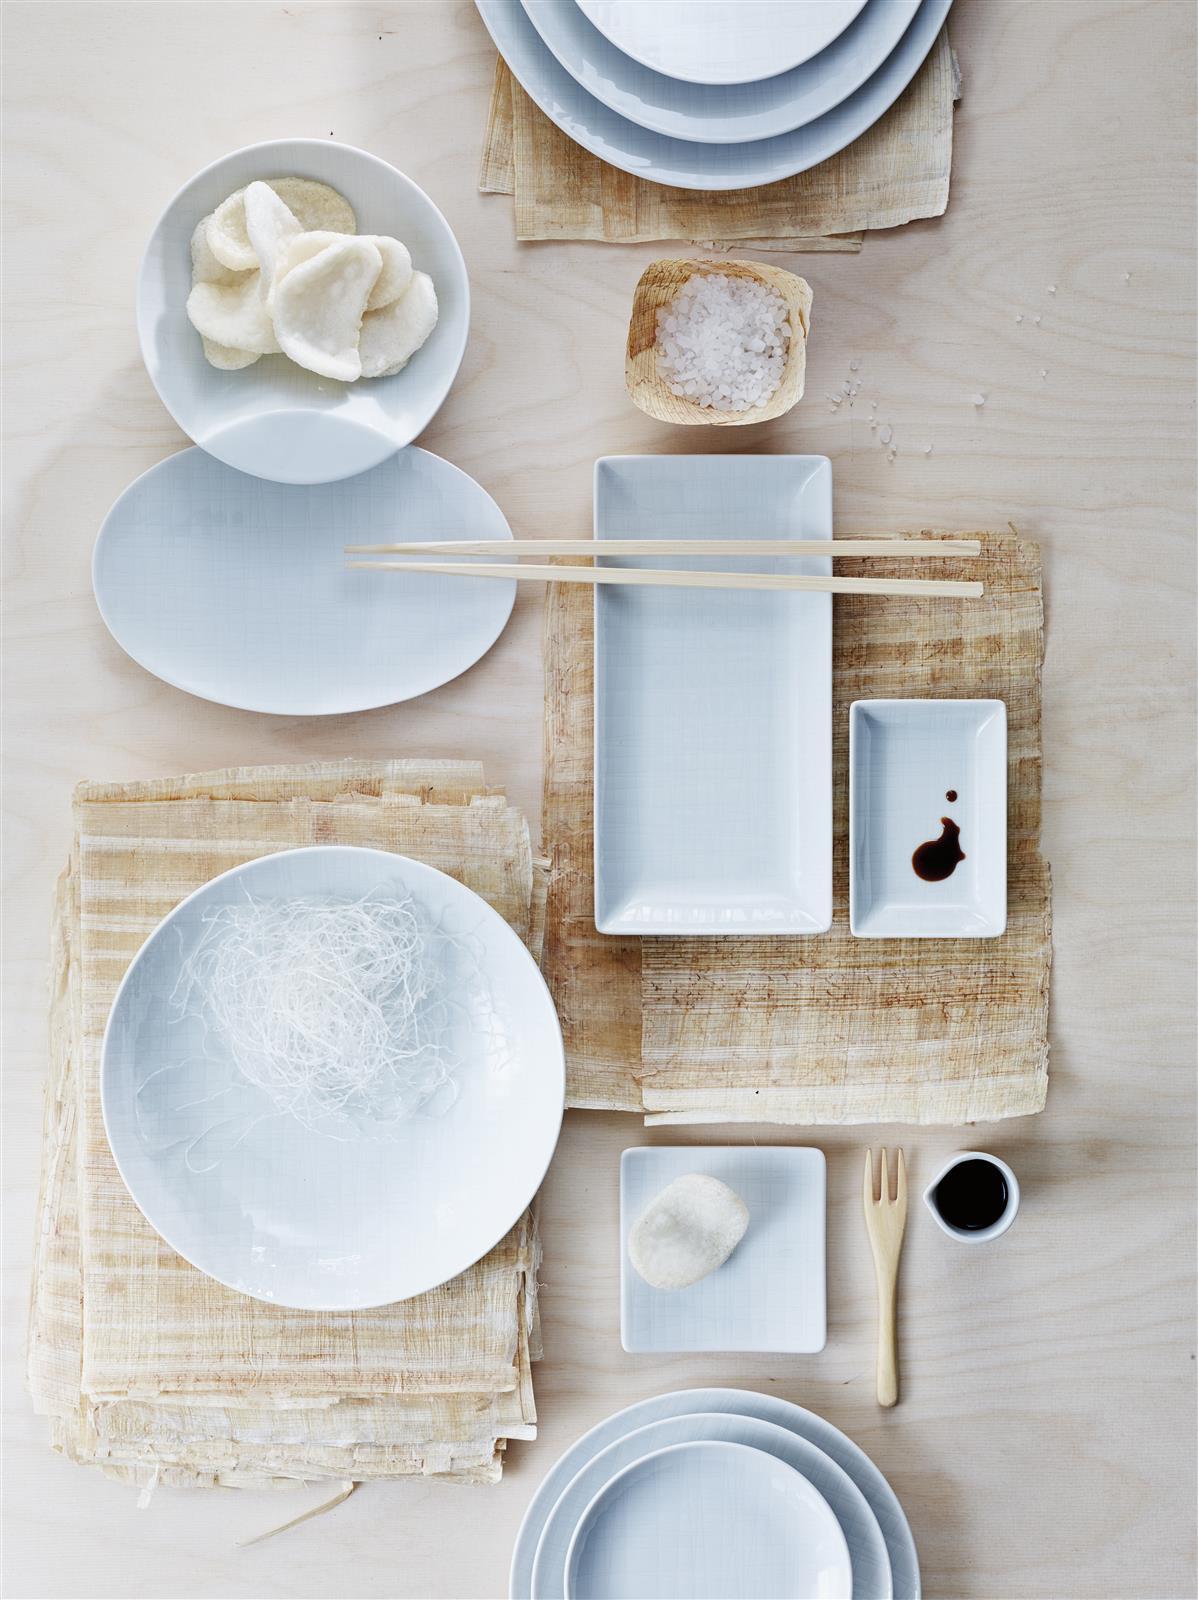 rosenthal geschirr set mesh 20 teilig eur 139 55. Black Bedroom Furniture Sets. Home Design Ideas